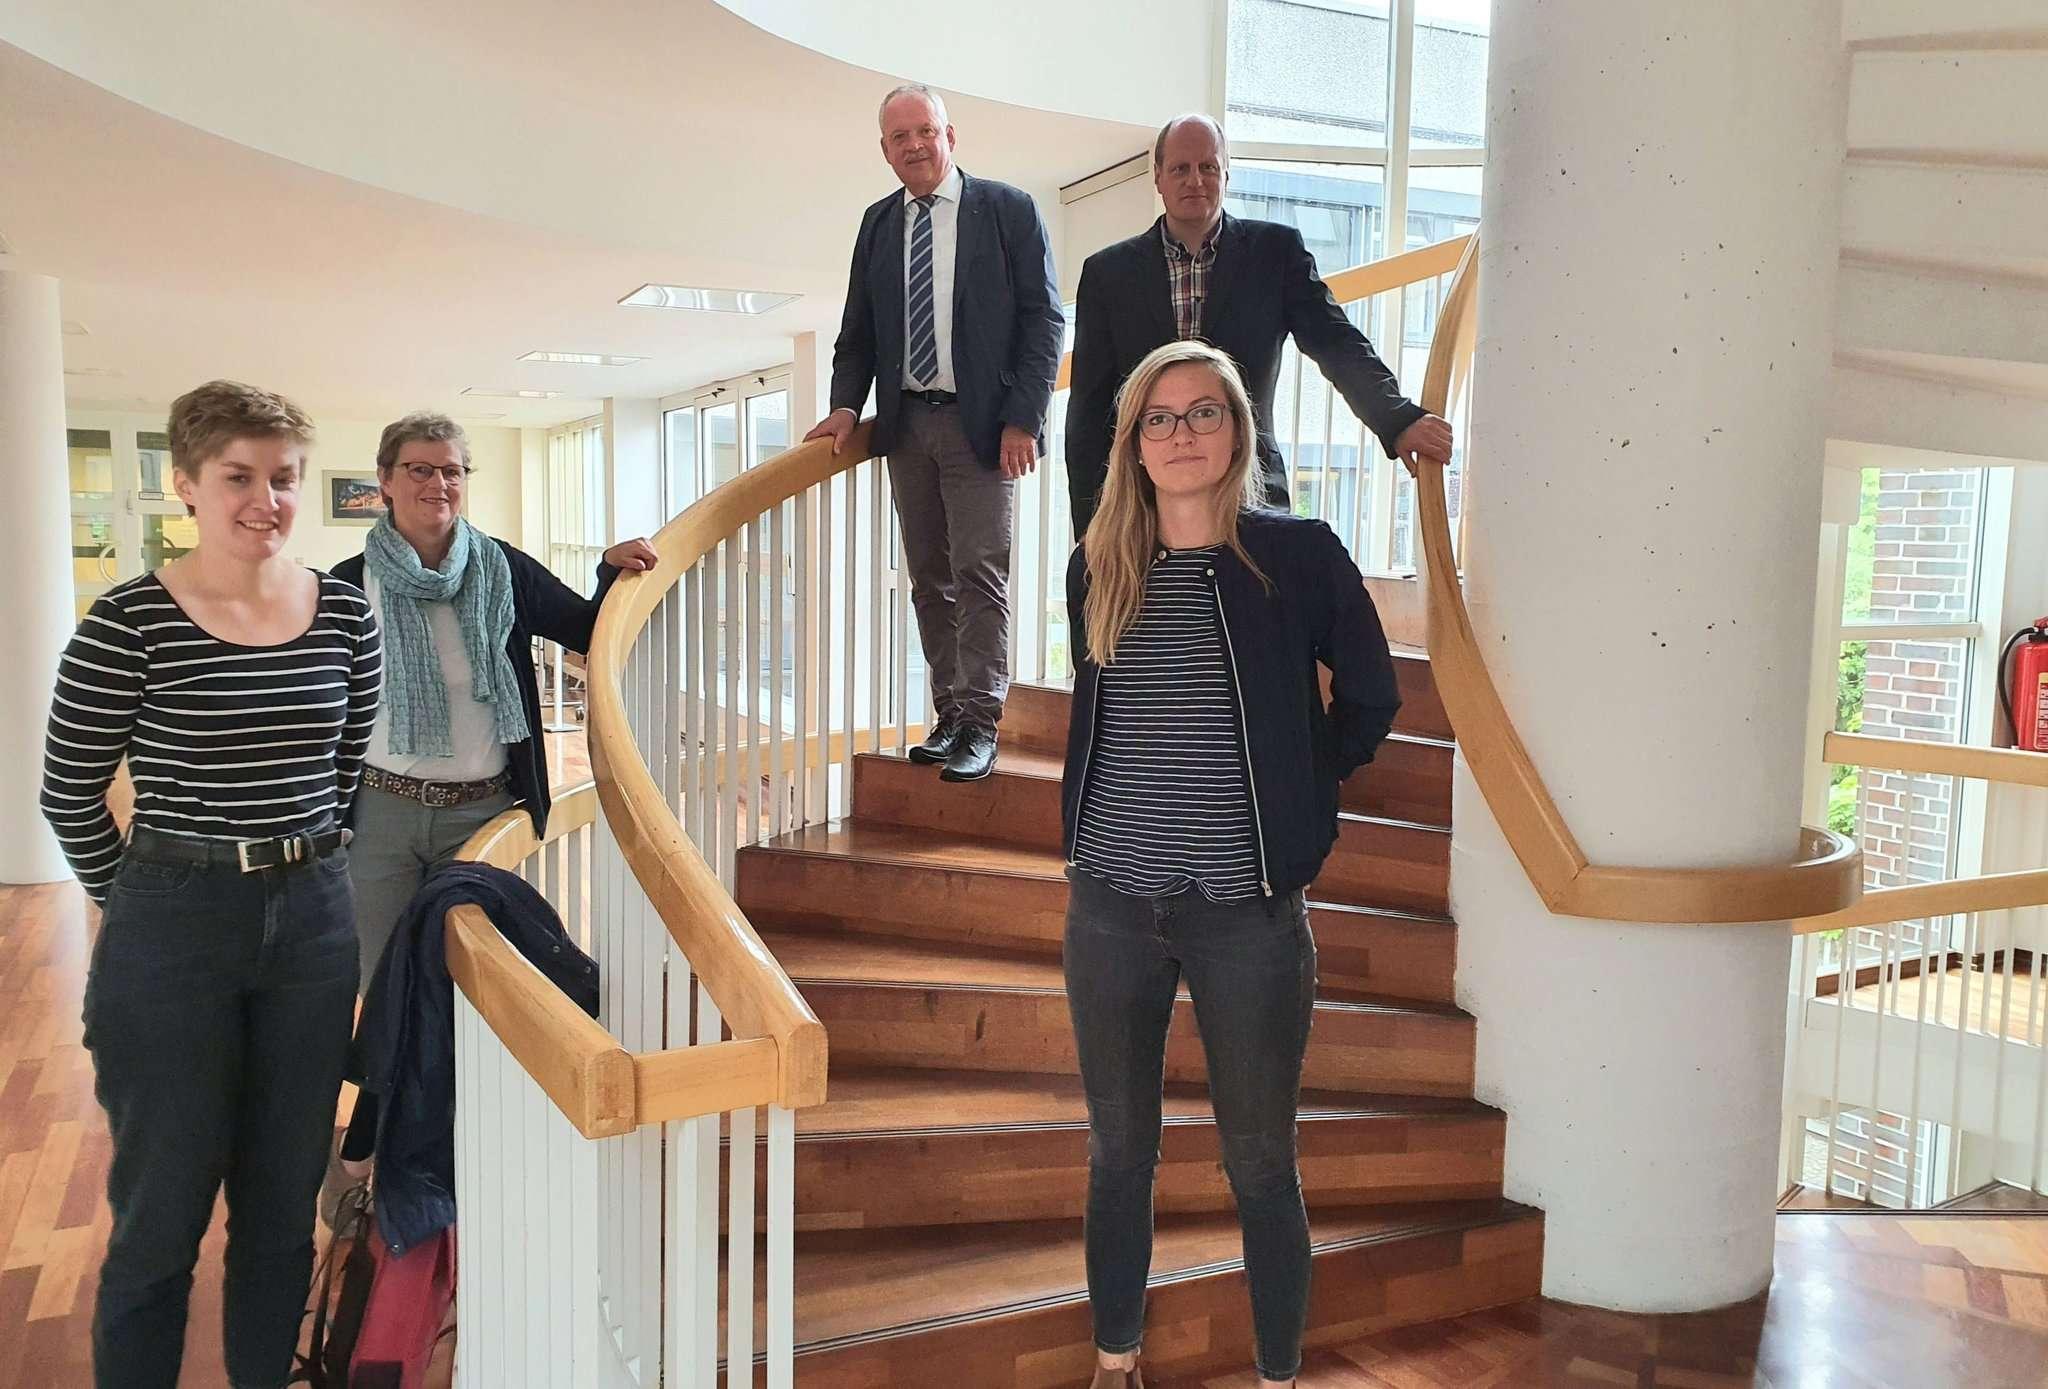 Heike Wohltmann (zweite von links) vom Büro Plan-Werkstadt Bremen informierte gemeinsam mit Lotta Schröder (von links) Bürgermeister Andreas Weber, Stadtplaner Clemens Bumann und Franziska Gölitzer über den aktuellen Stand der Planung.